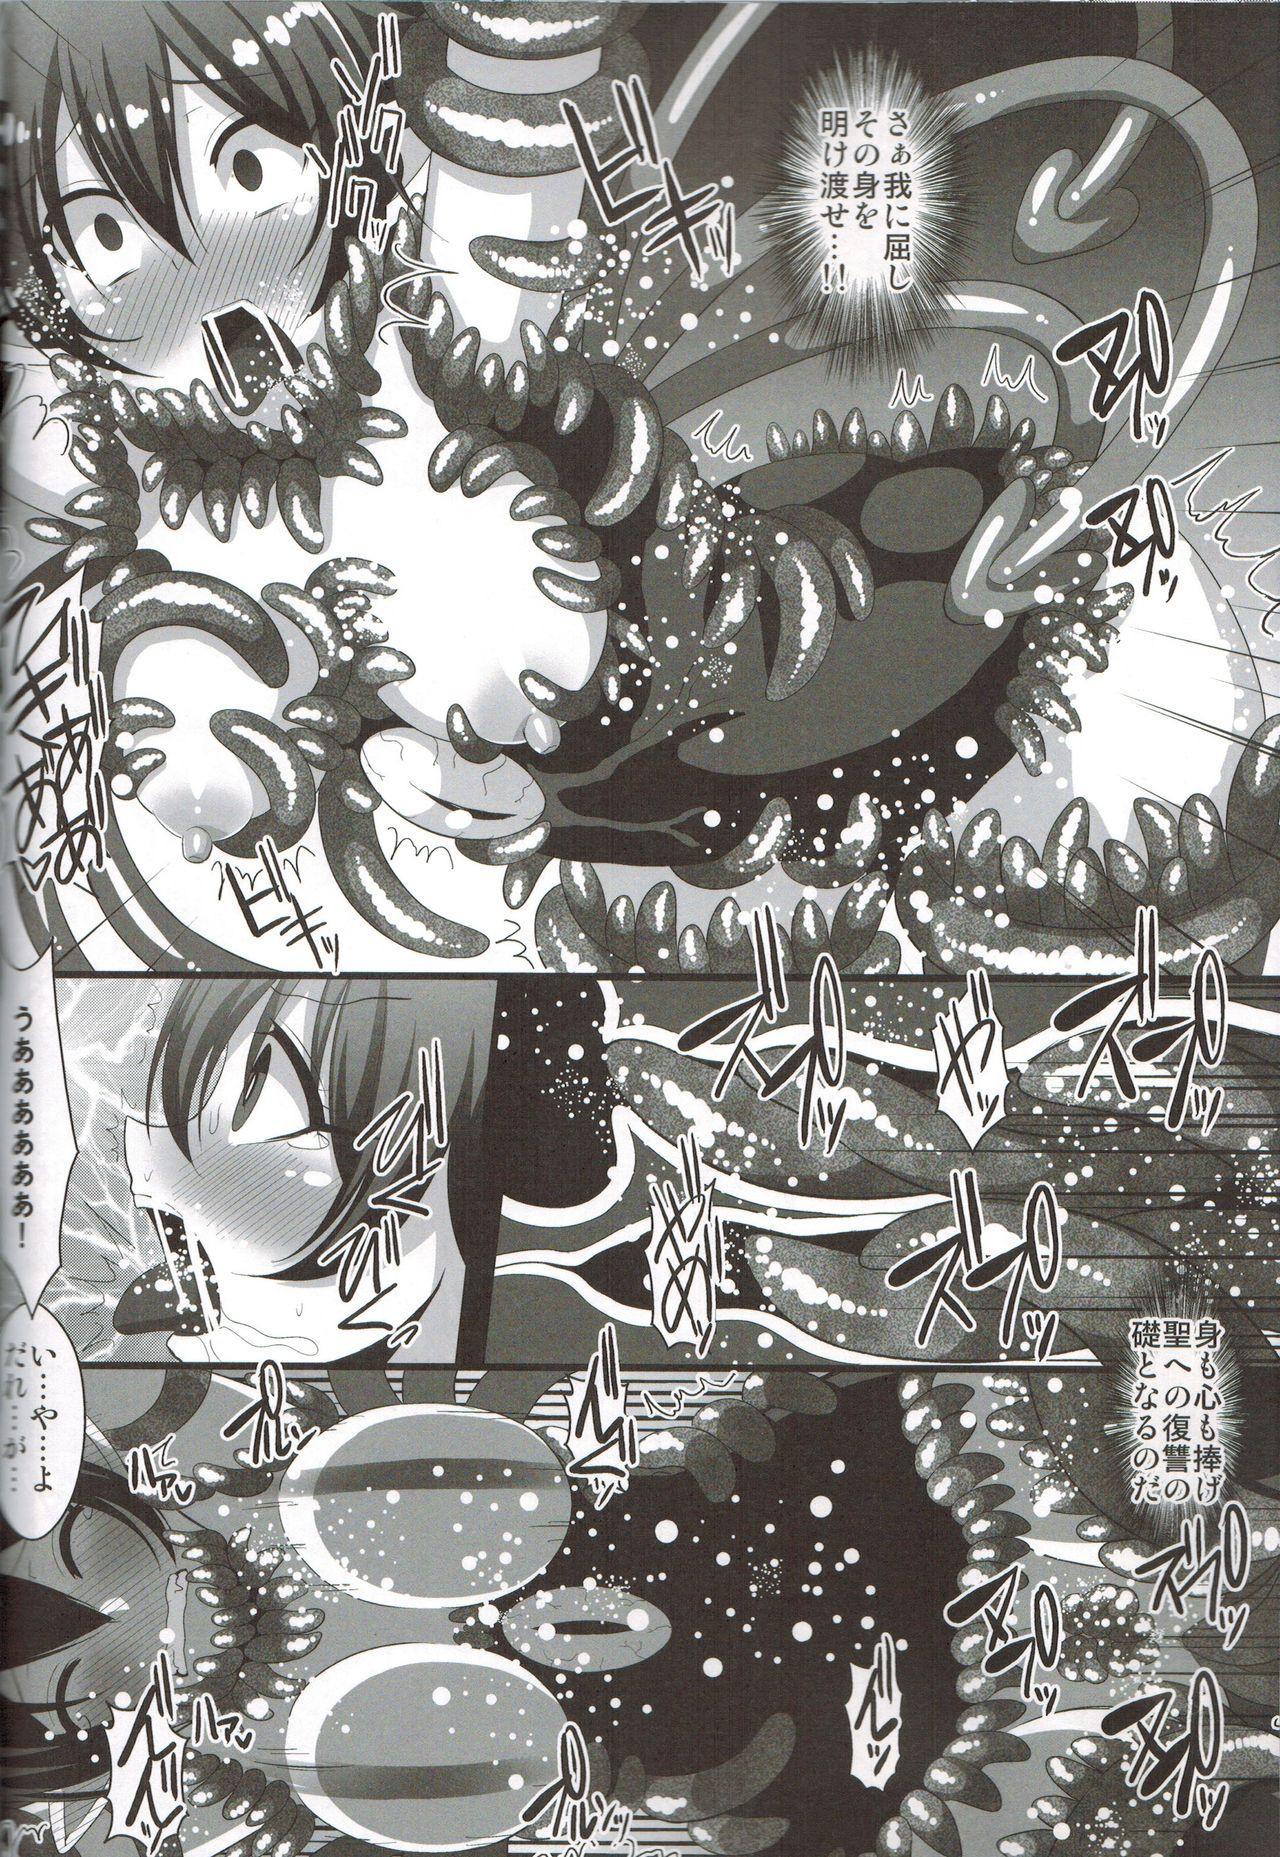 Shokushufuku de Mugen Zecchou 11